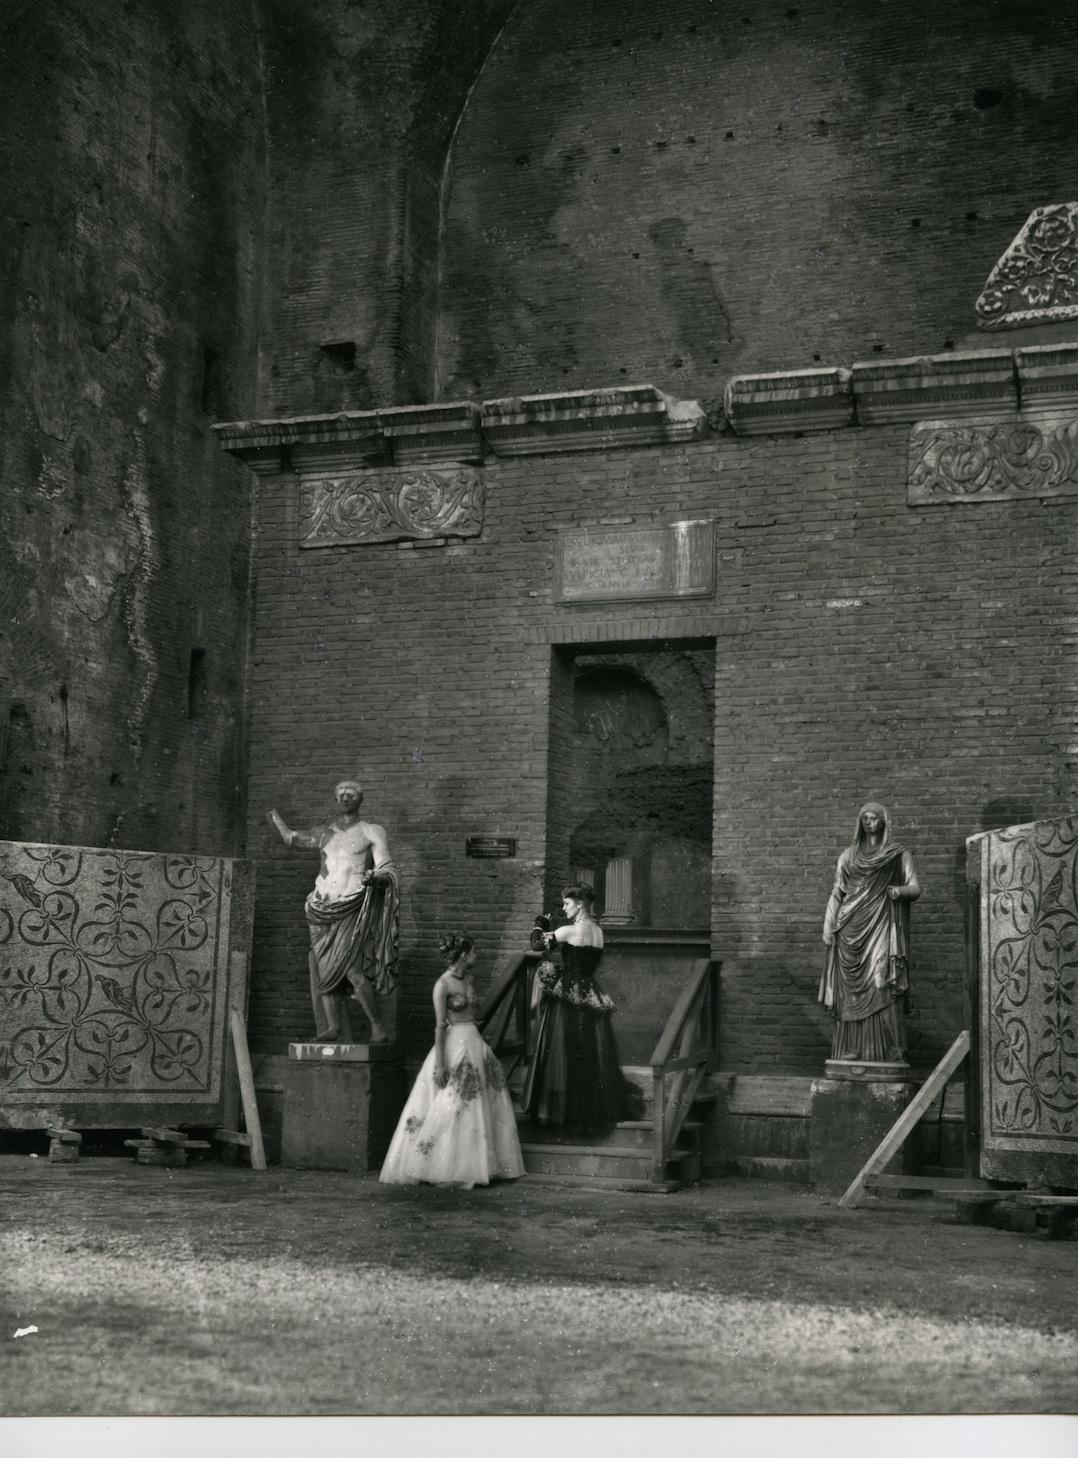 Modelli De Gasperi Zezza, foto Pasquale De Antonis, 1948, pubblicata in I Tessili Nuovi. Estate, n. 37, luglio-agosto-settembre 1948-Terme di Diocleziano